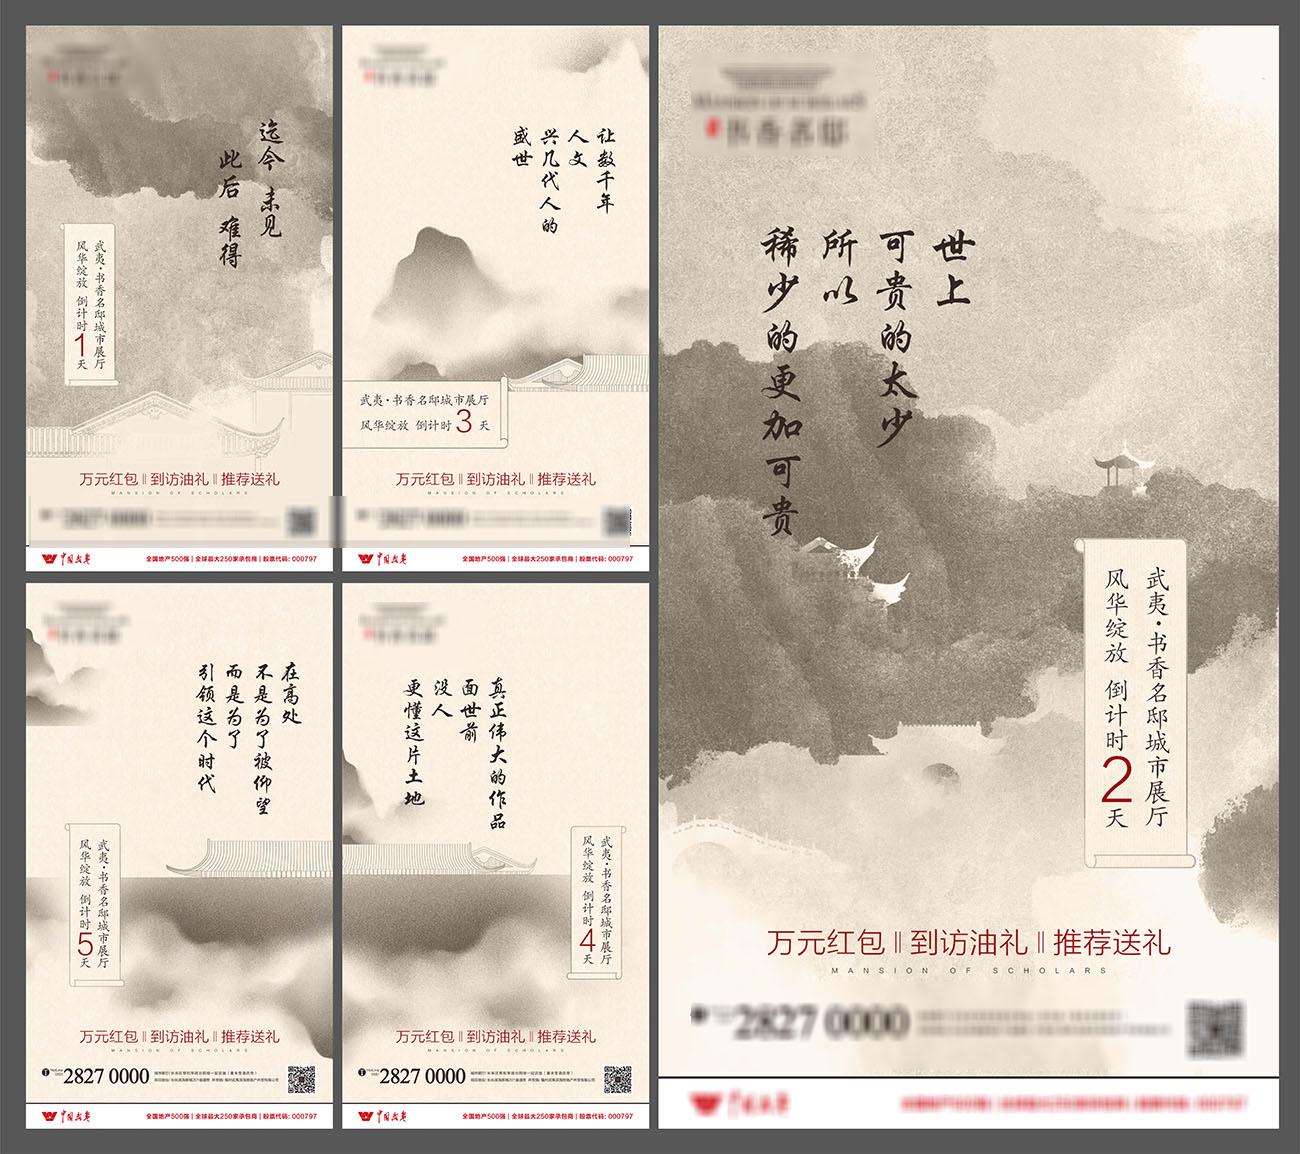 地产武夷·香名邸城市展厅倒计时海报PSD源文件插图